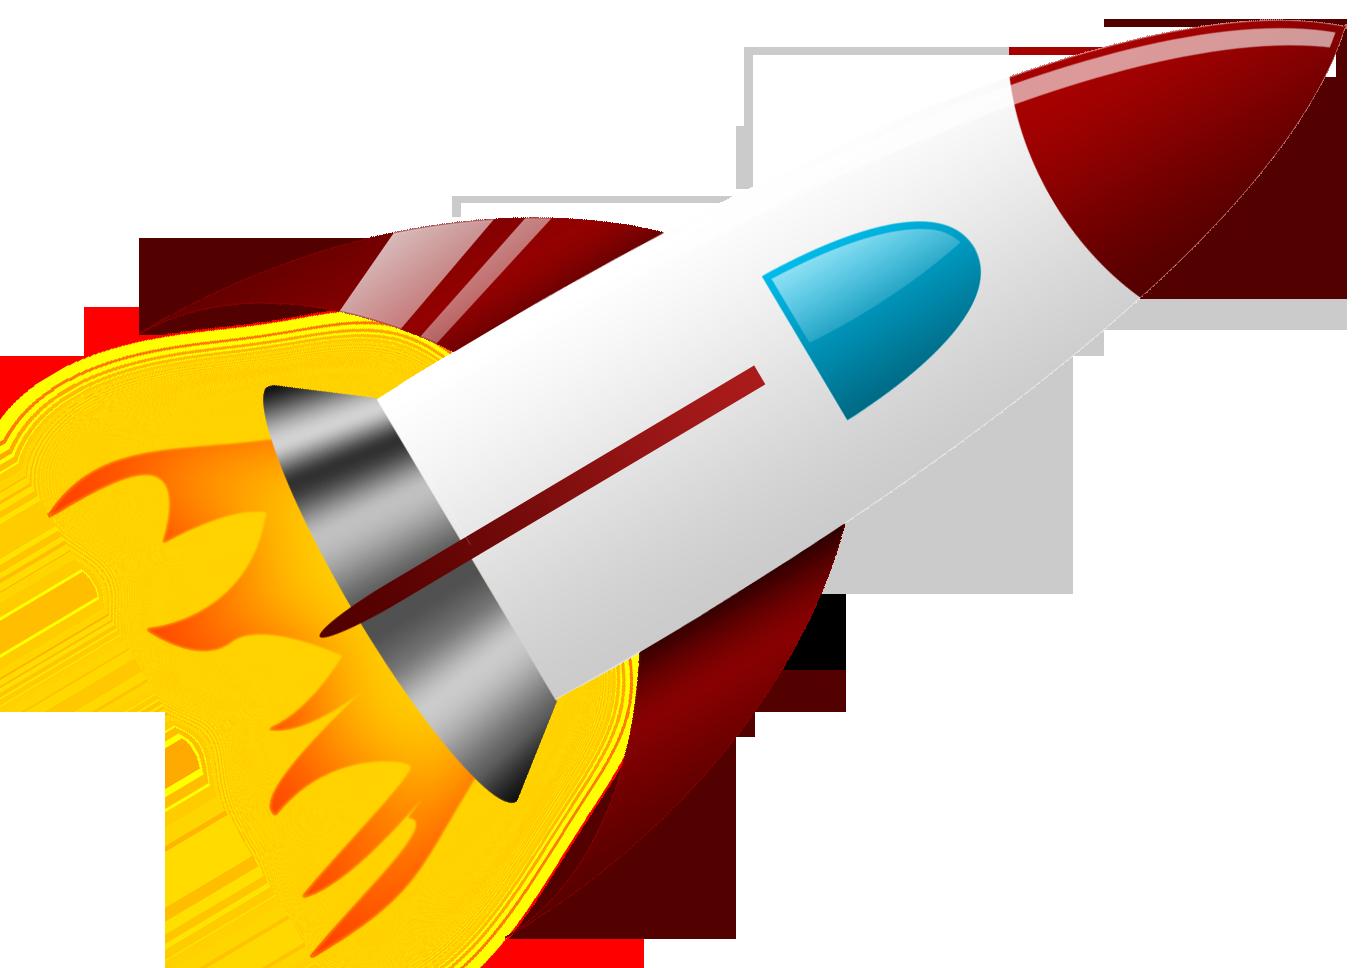 1366x968 > Rocket Wallpapers